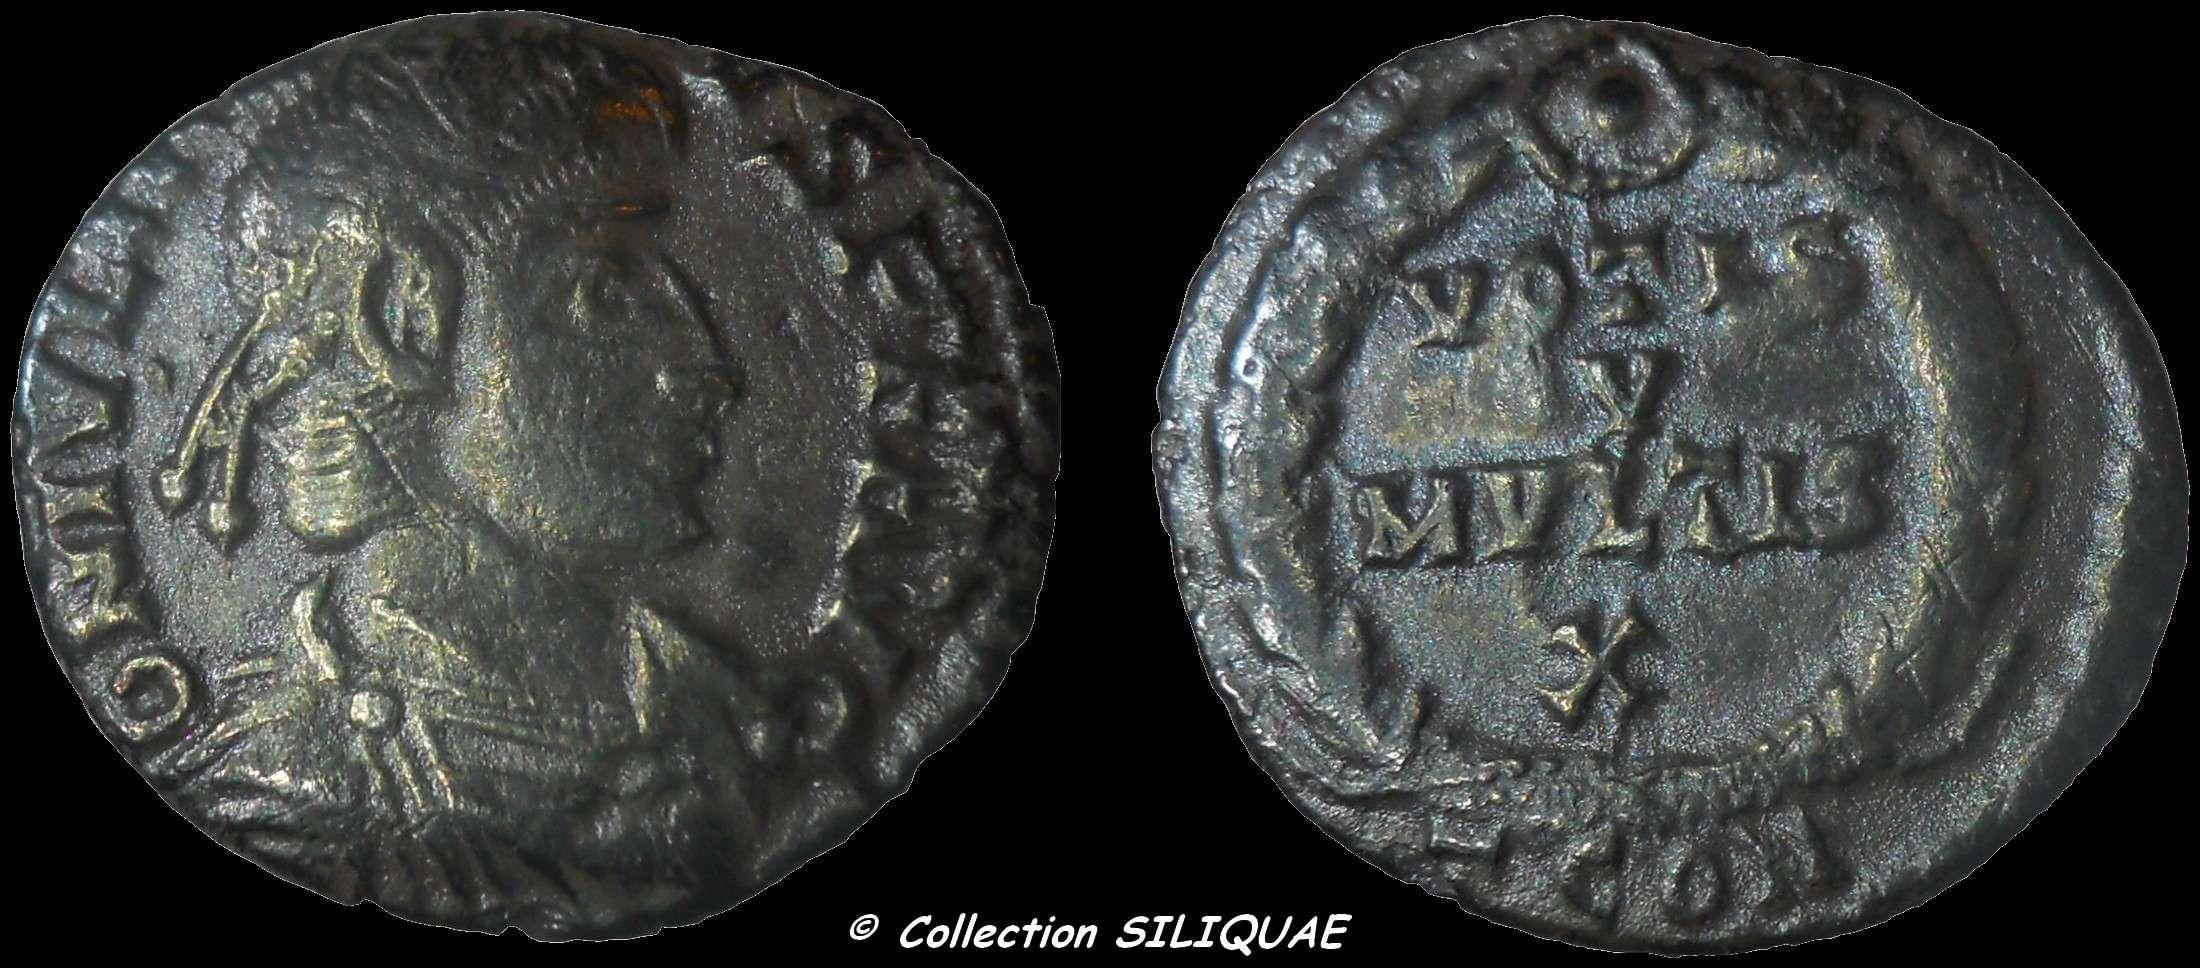 Collection Siliquae - Page 5 Julien12